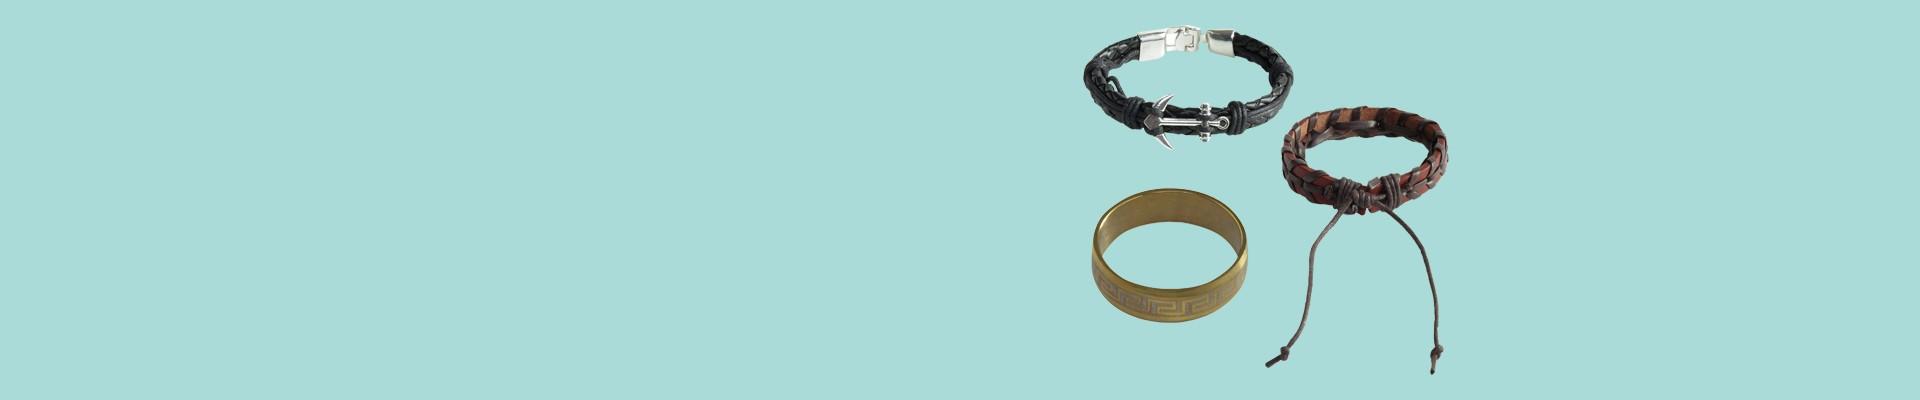 Jual Perhiasan Pria Pria Grosir & Eceran Online